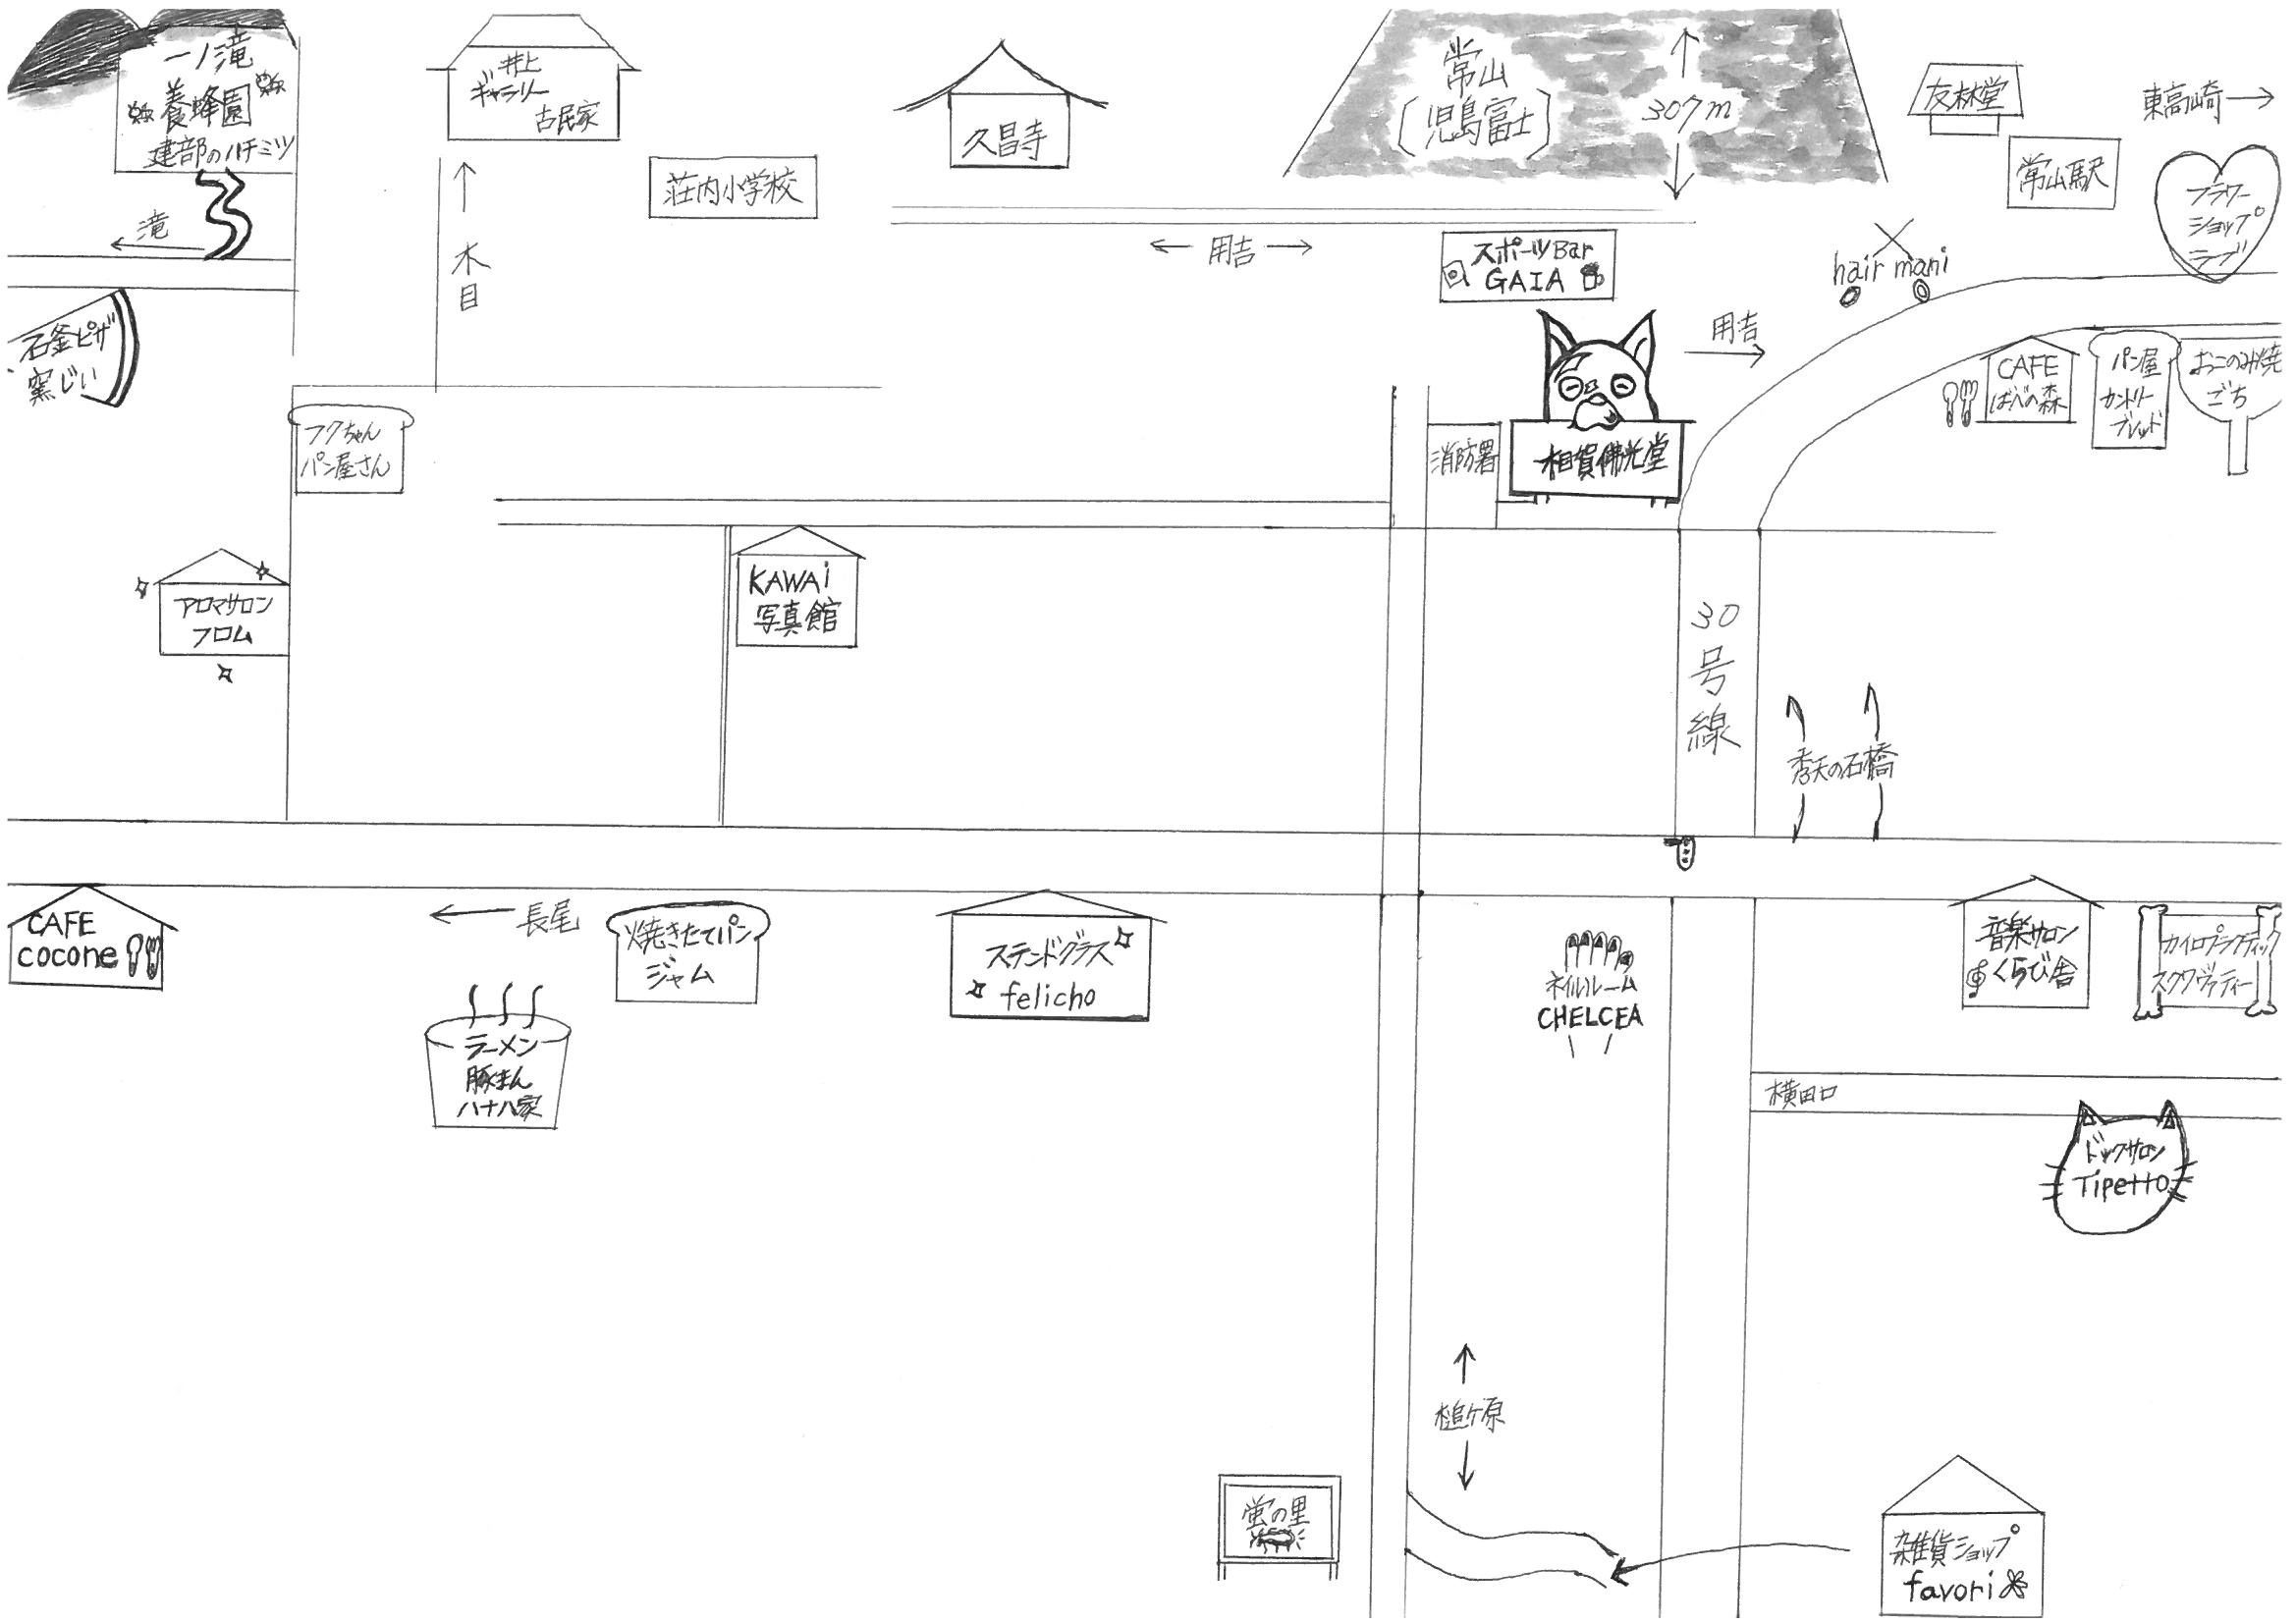 ダガジグ&ロドリゲス map